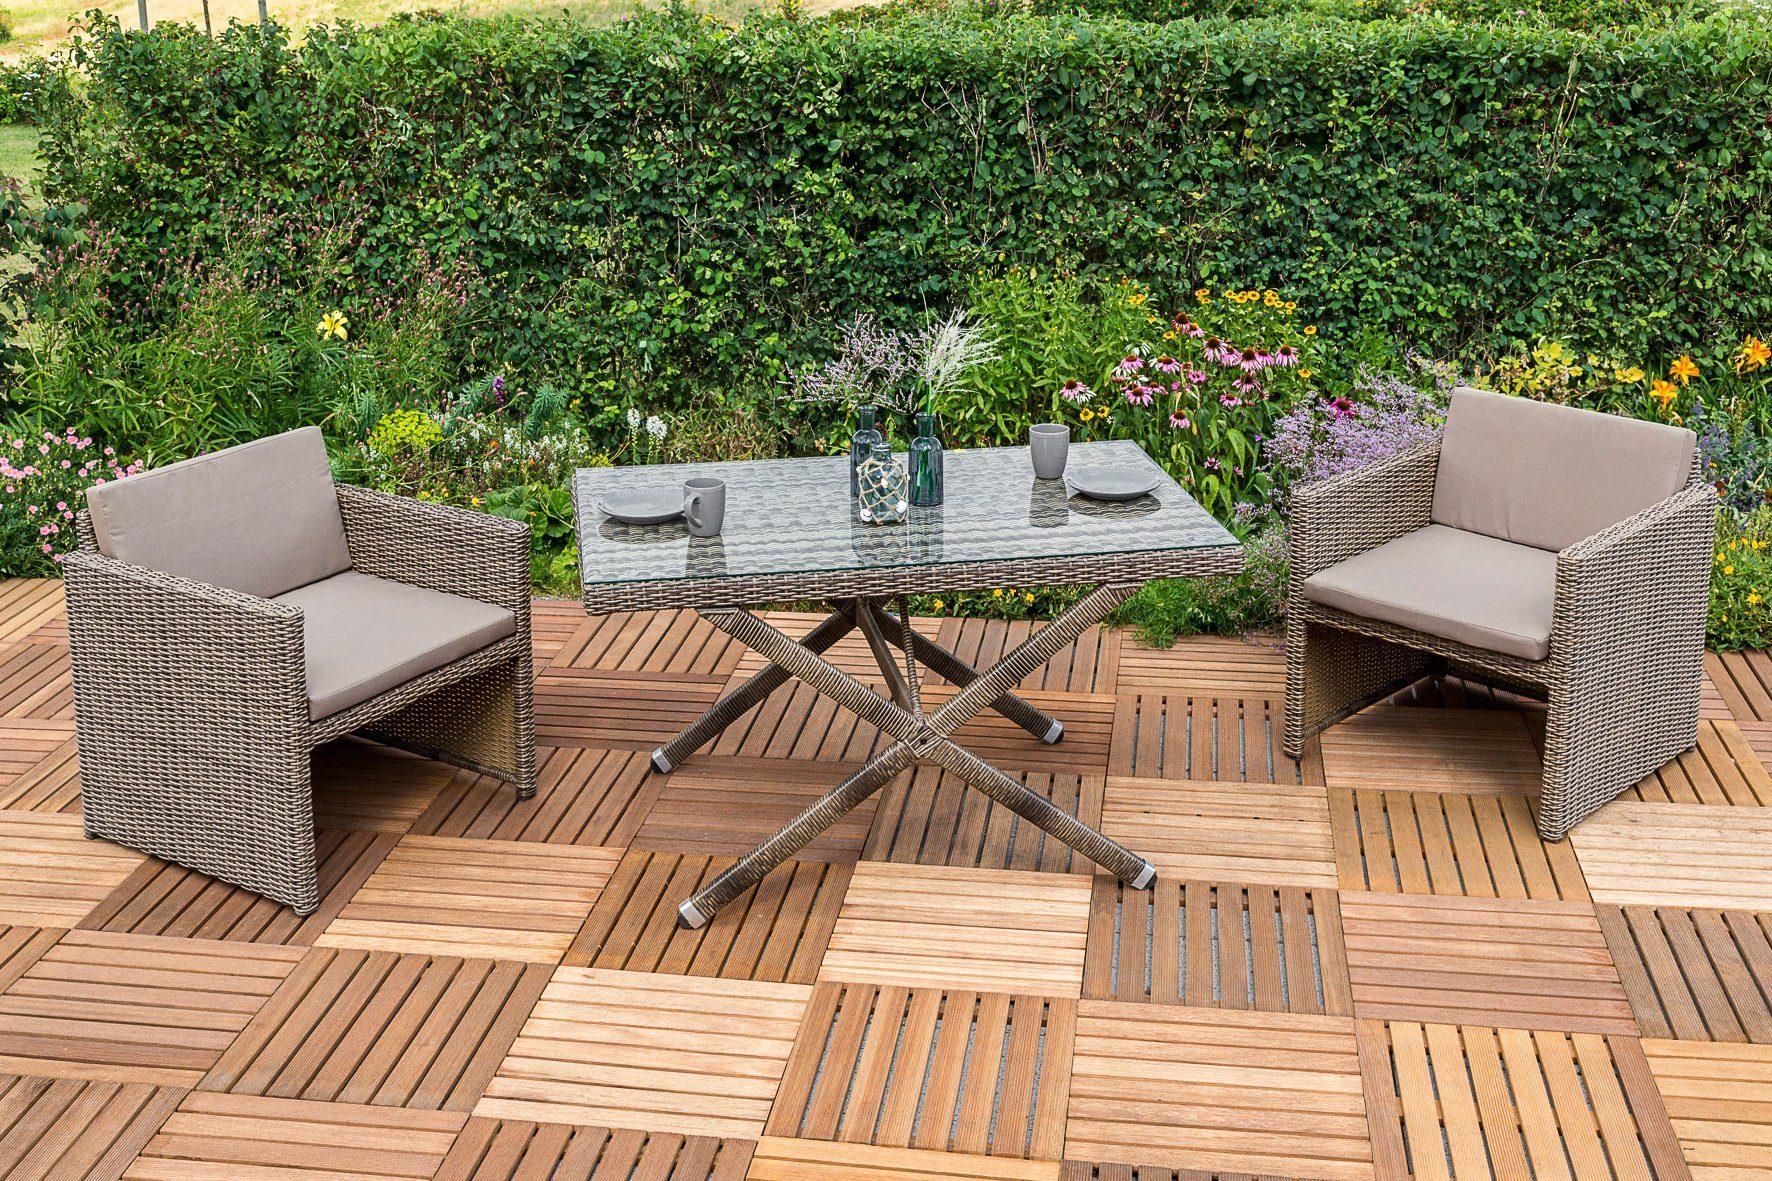 Merxx tuinmeubelset avola« dlg stoelen tafel cm